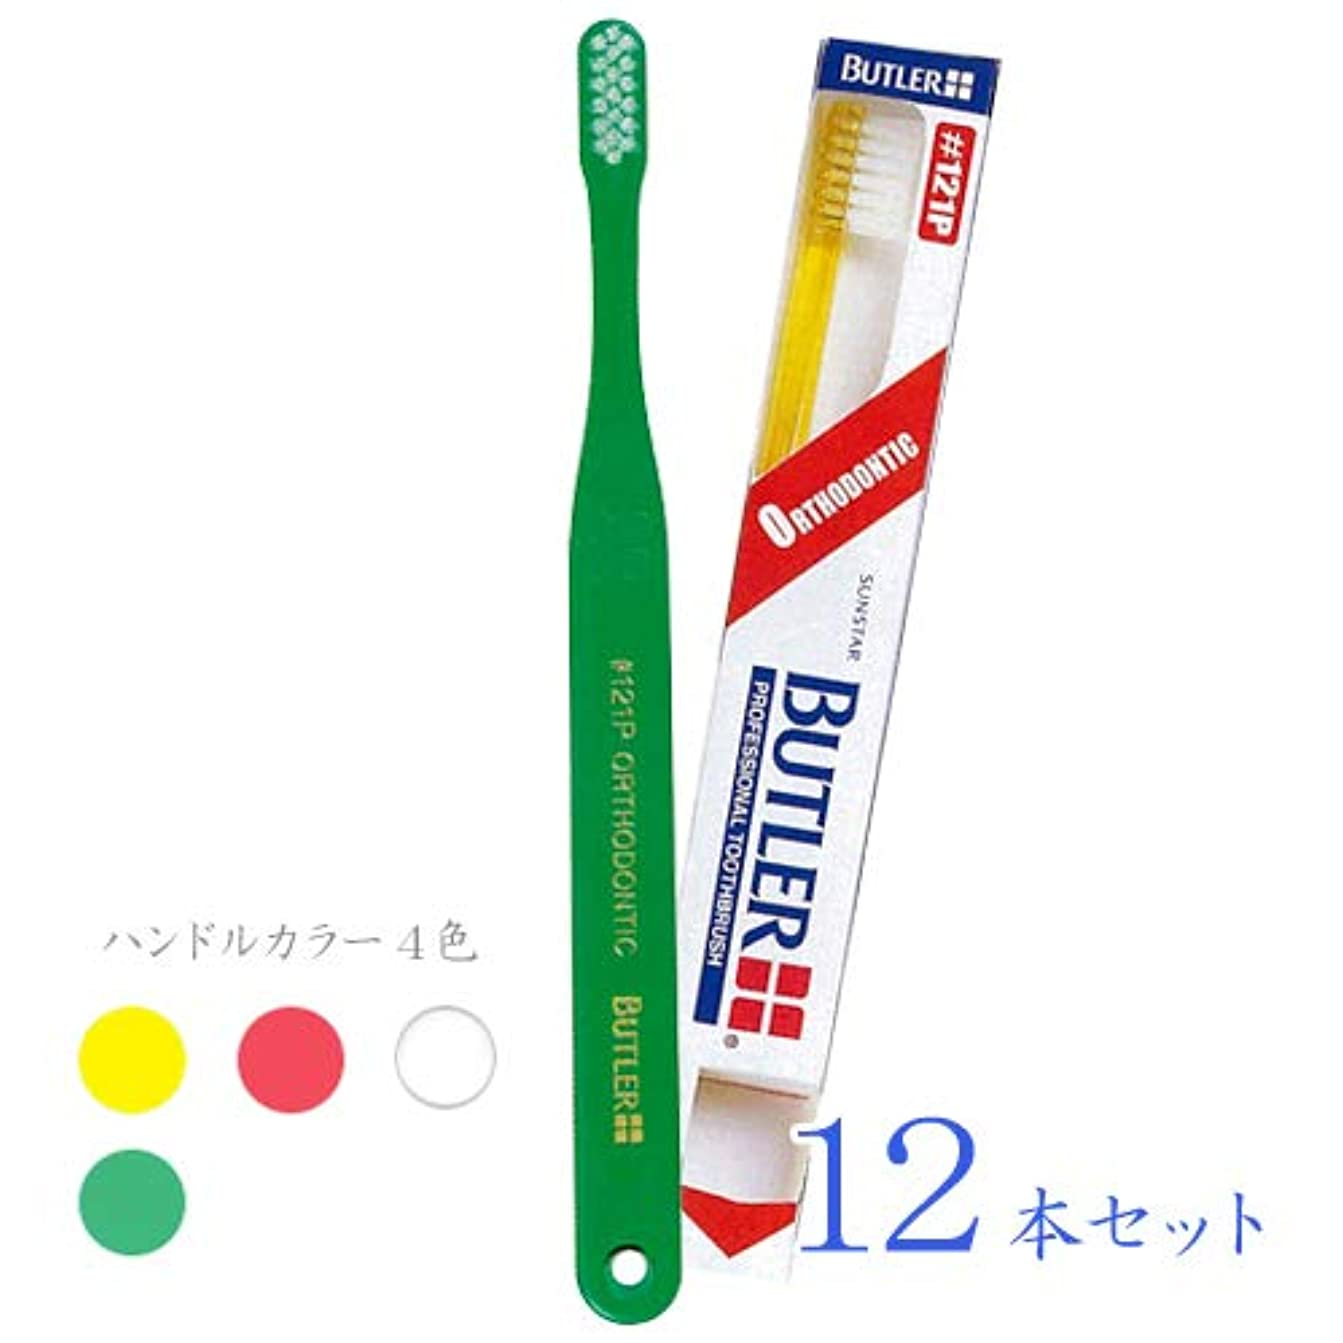 構成オープニング橋脚バトラー 歯ブラシ #121P 12本入